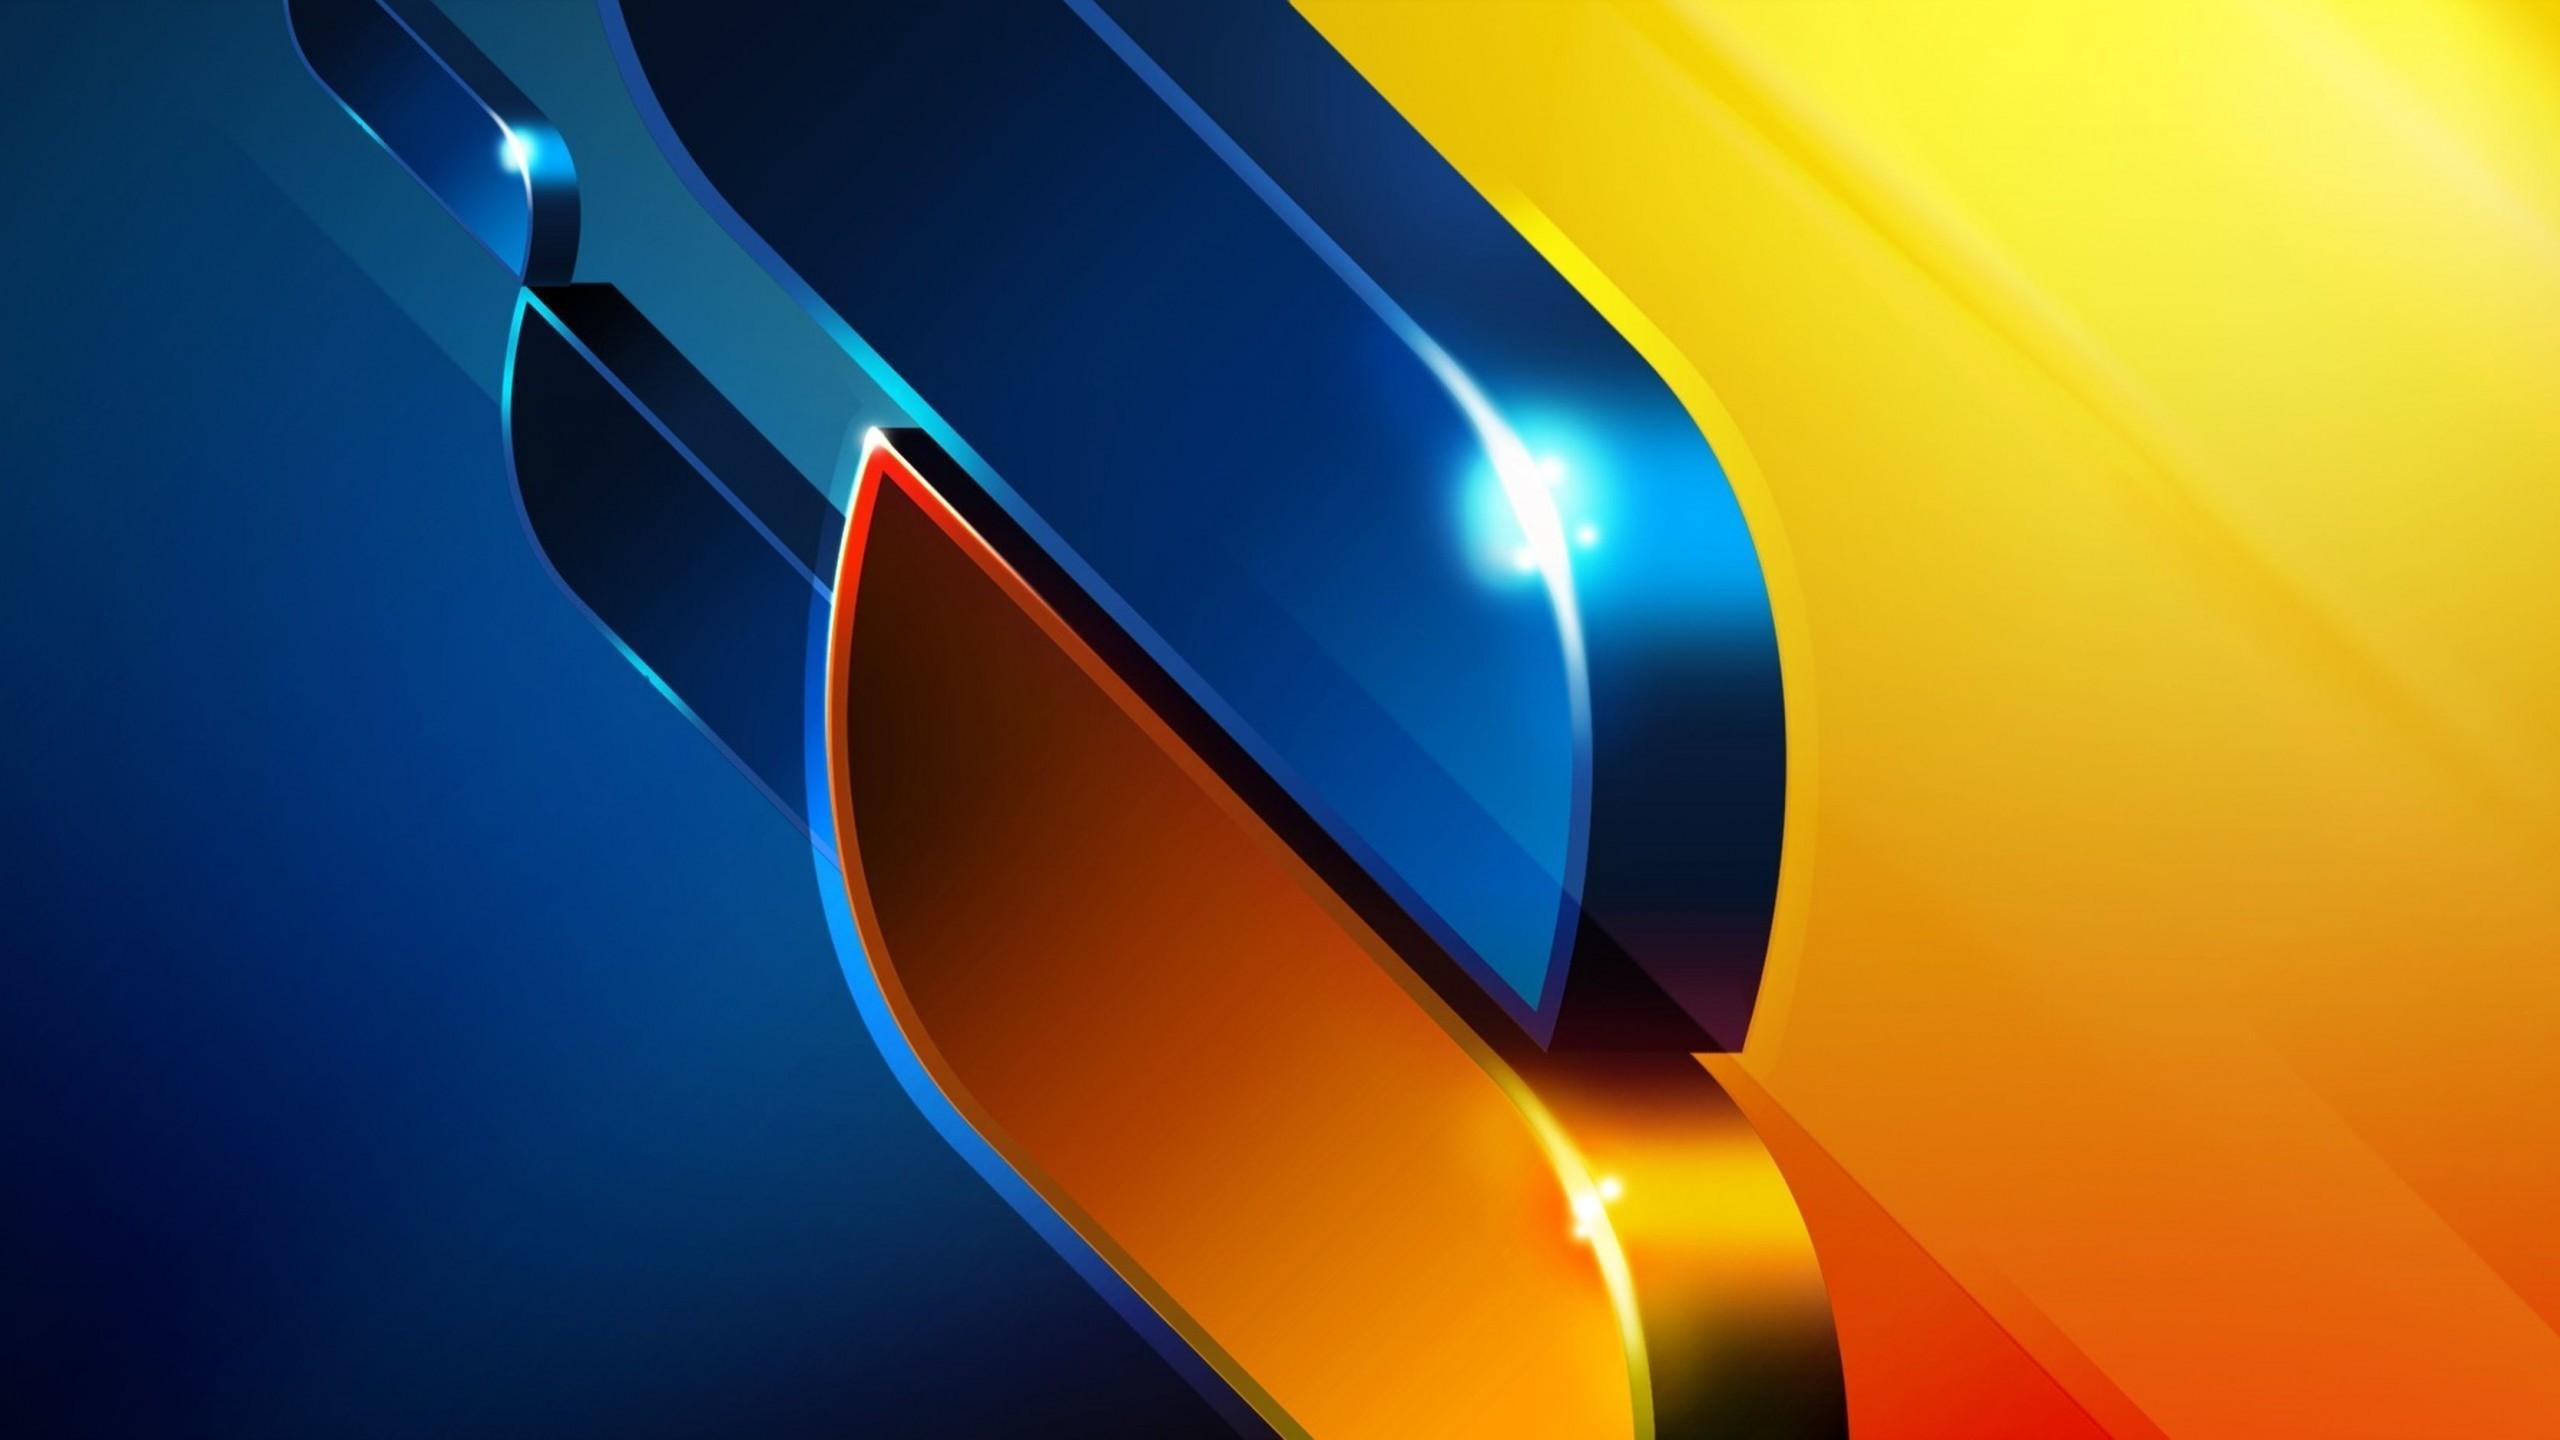 Abstract / Firefox Wallpaper